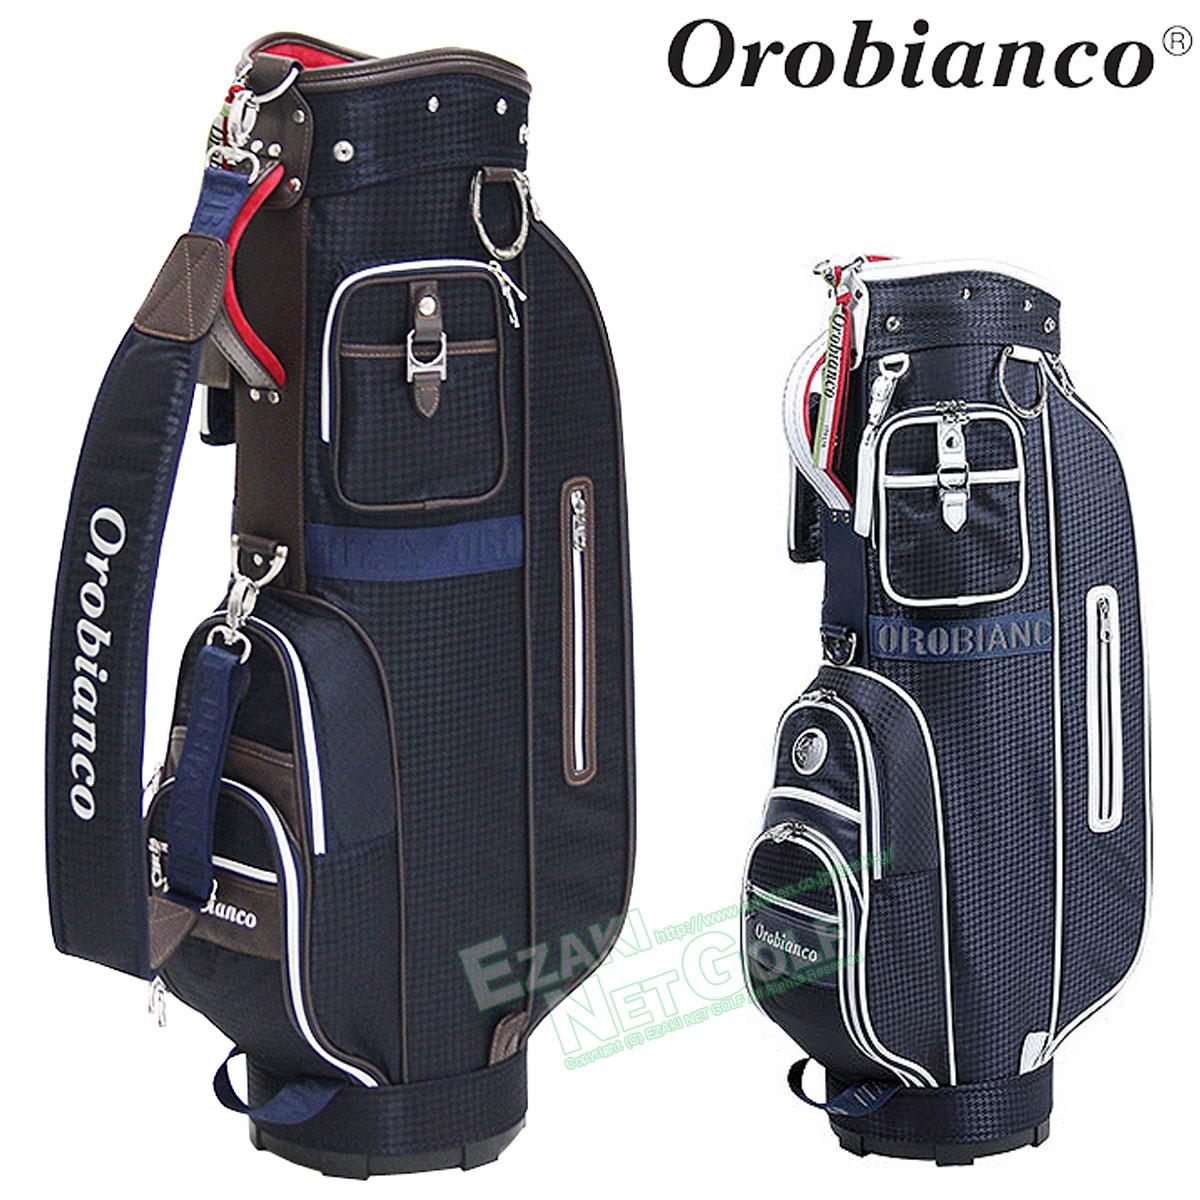 【【最大3300円OFFクーポン】】Orobianco(オロビアンコ)日本正規品 8.5型キャディバッグ 2020新製品 「ORC103」 【あす楽対応】